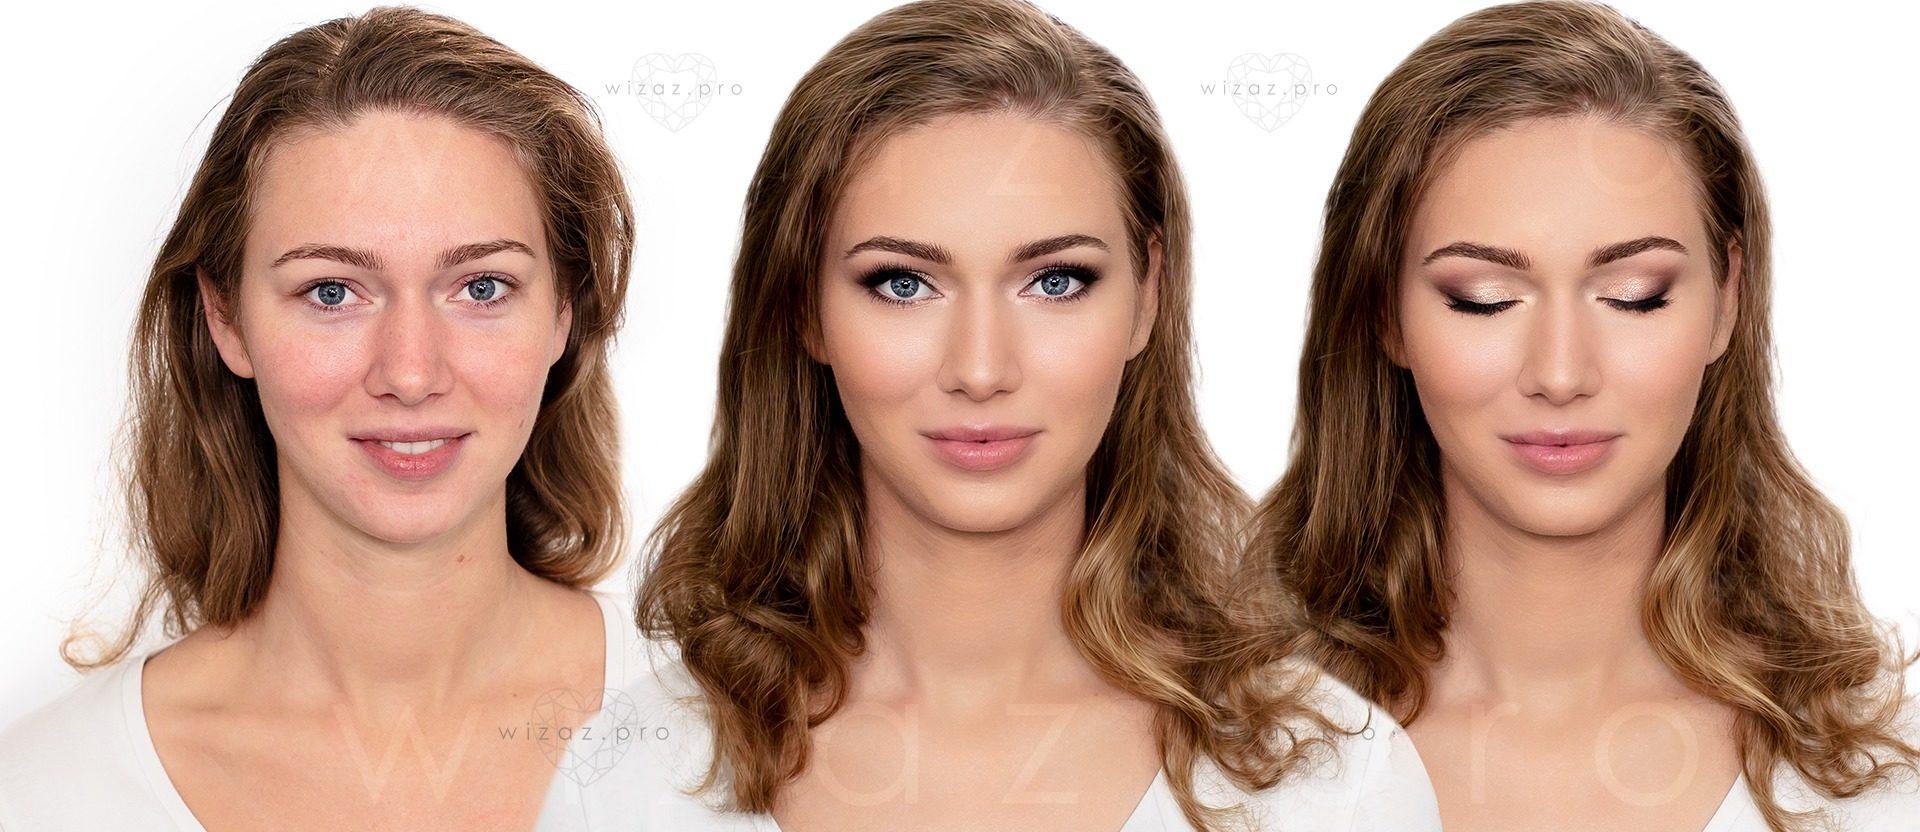 Makijaż ślubny podkreślający urodę dla niebieskookiej blondynki